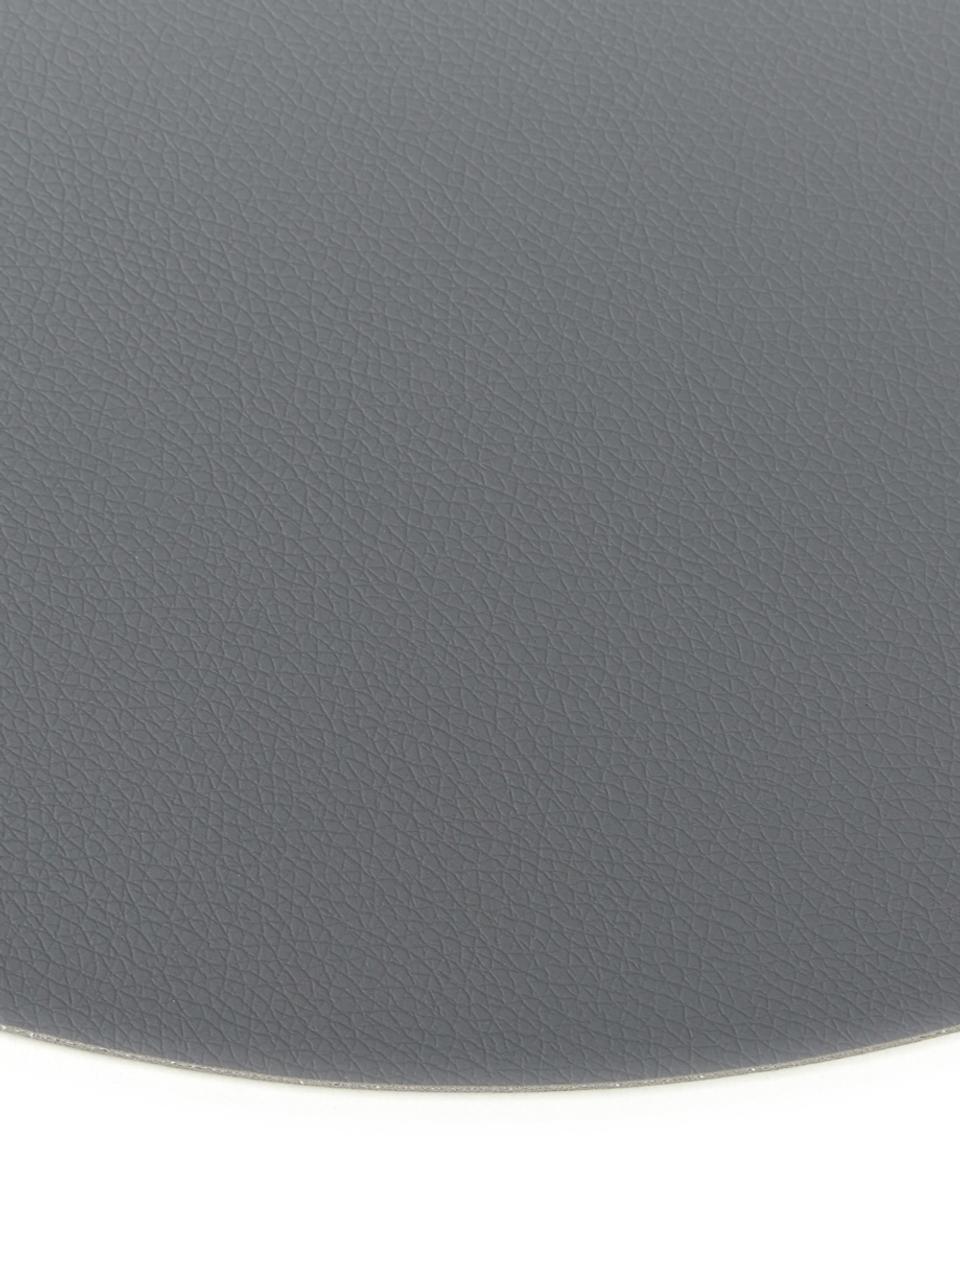 Tovaglietta americana rotonda in similpelle Pik 2 pz, Materiale sintetico (PVC), Antracite, Ø 38 cm